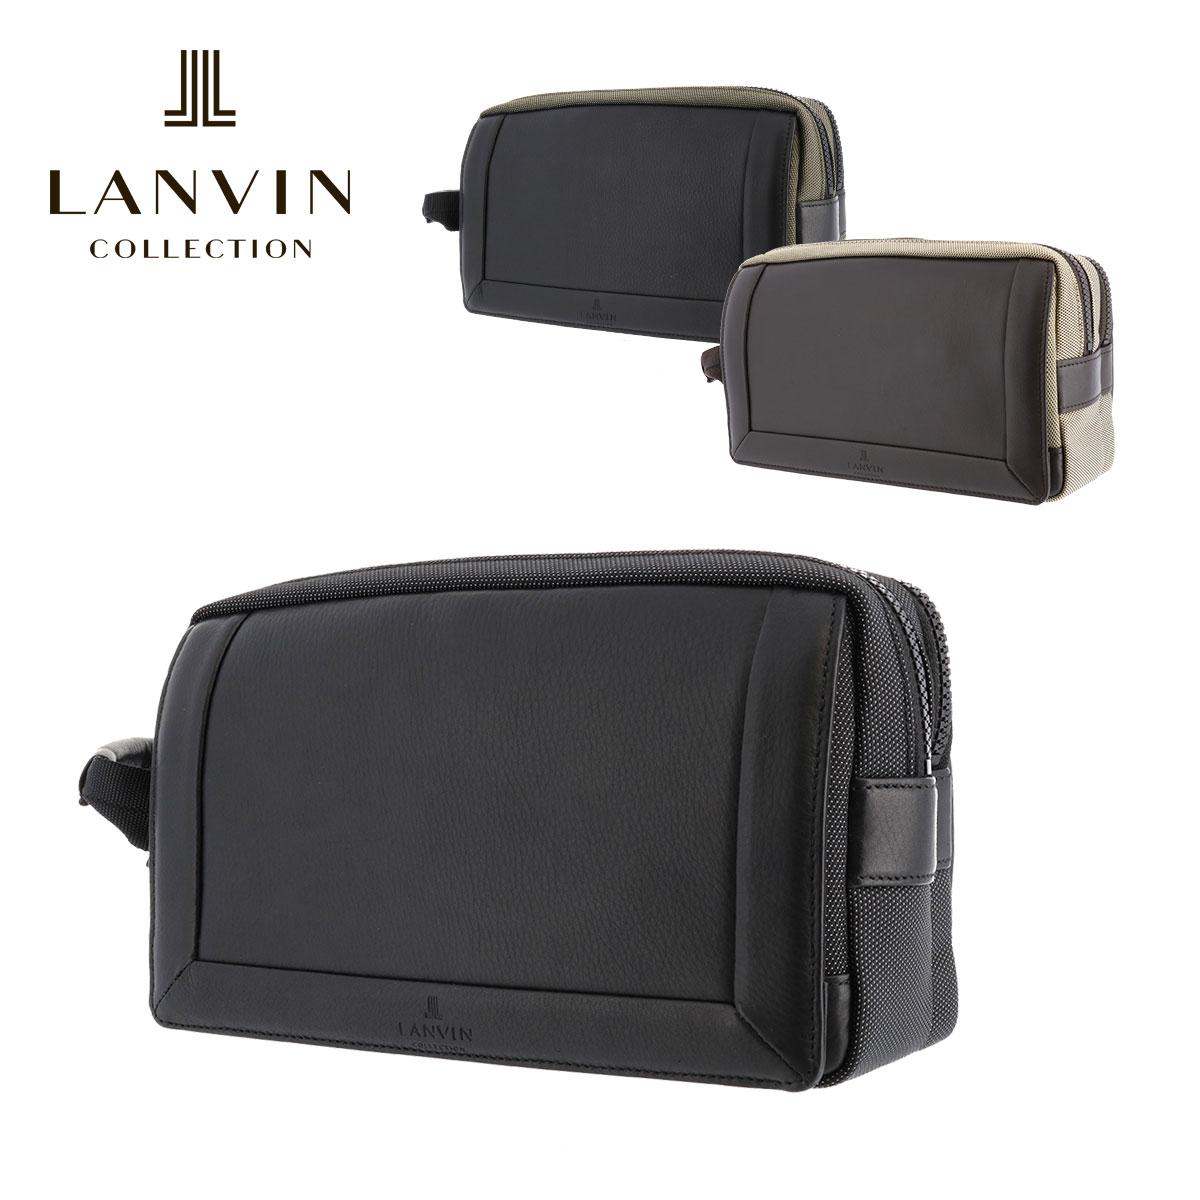 ランバンコレクション セカンドバッグ アクタス メンズ 289202 日本製 LANVIN COLLECTION | ナイロン 本革 レザー【PO5】